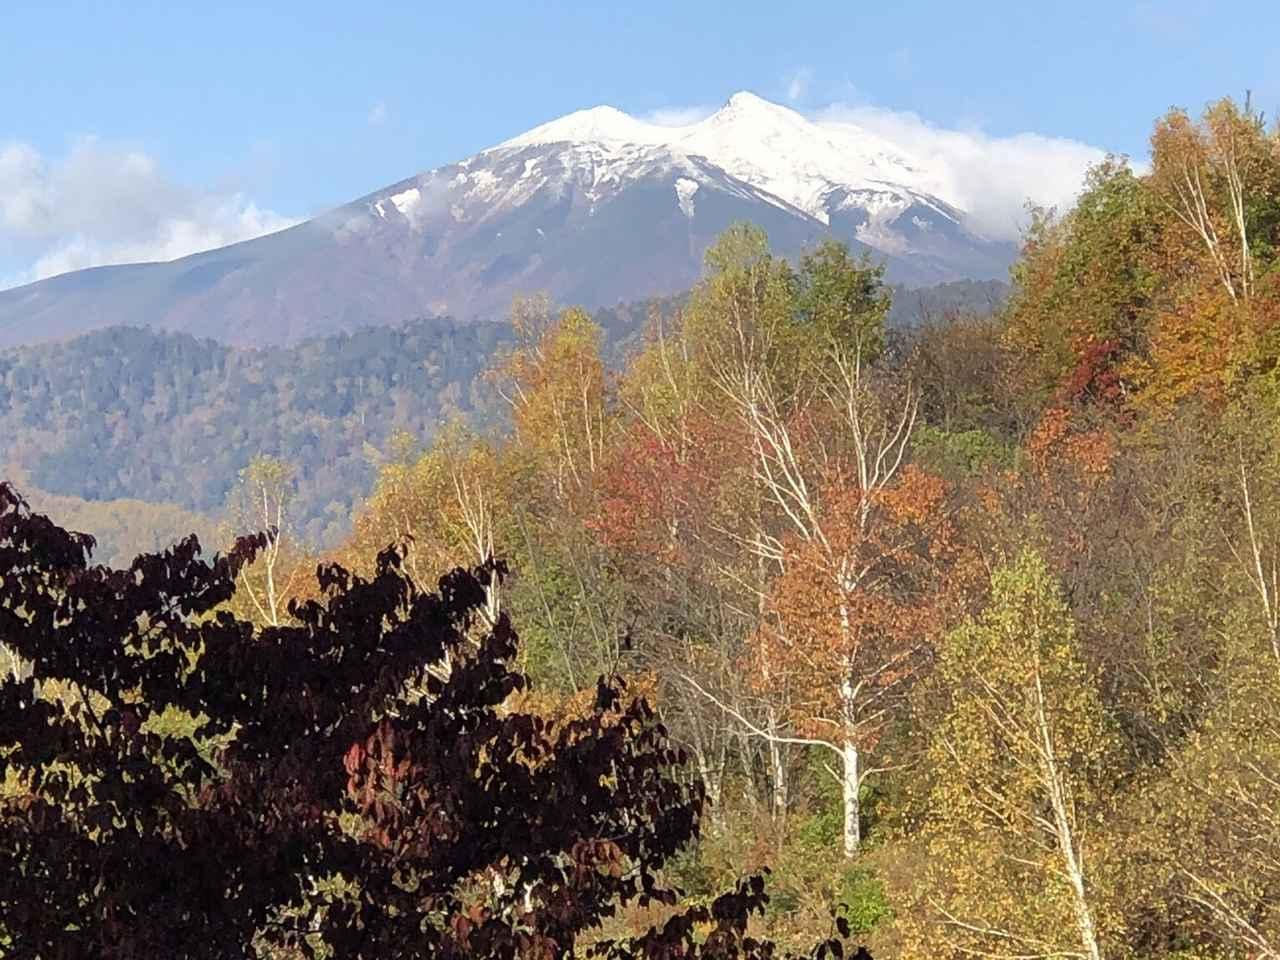 画像: 【おすすめキャンプ場60】「高ソメキャンプ場」で白樺林や乗鞍岳の眺望を満喫!星空や釣りも - ハピキャン(HAPPY CAMPER)